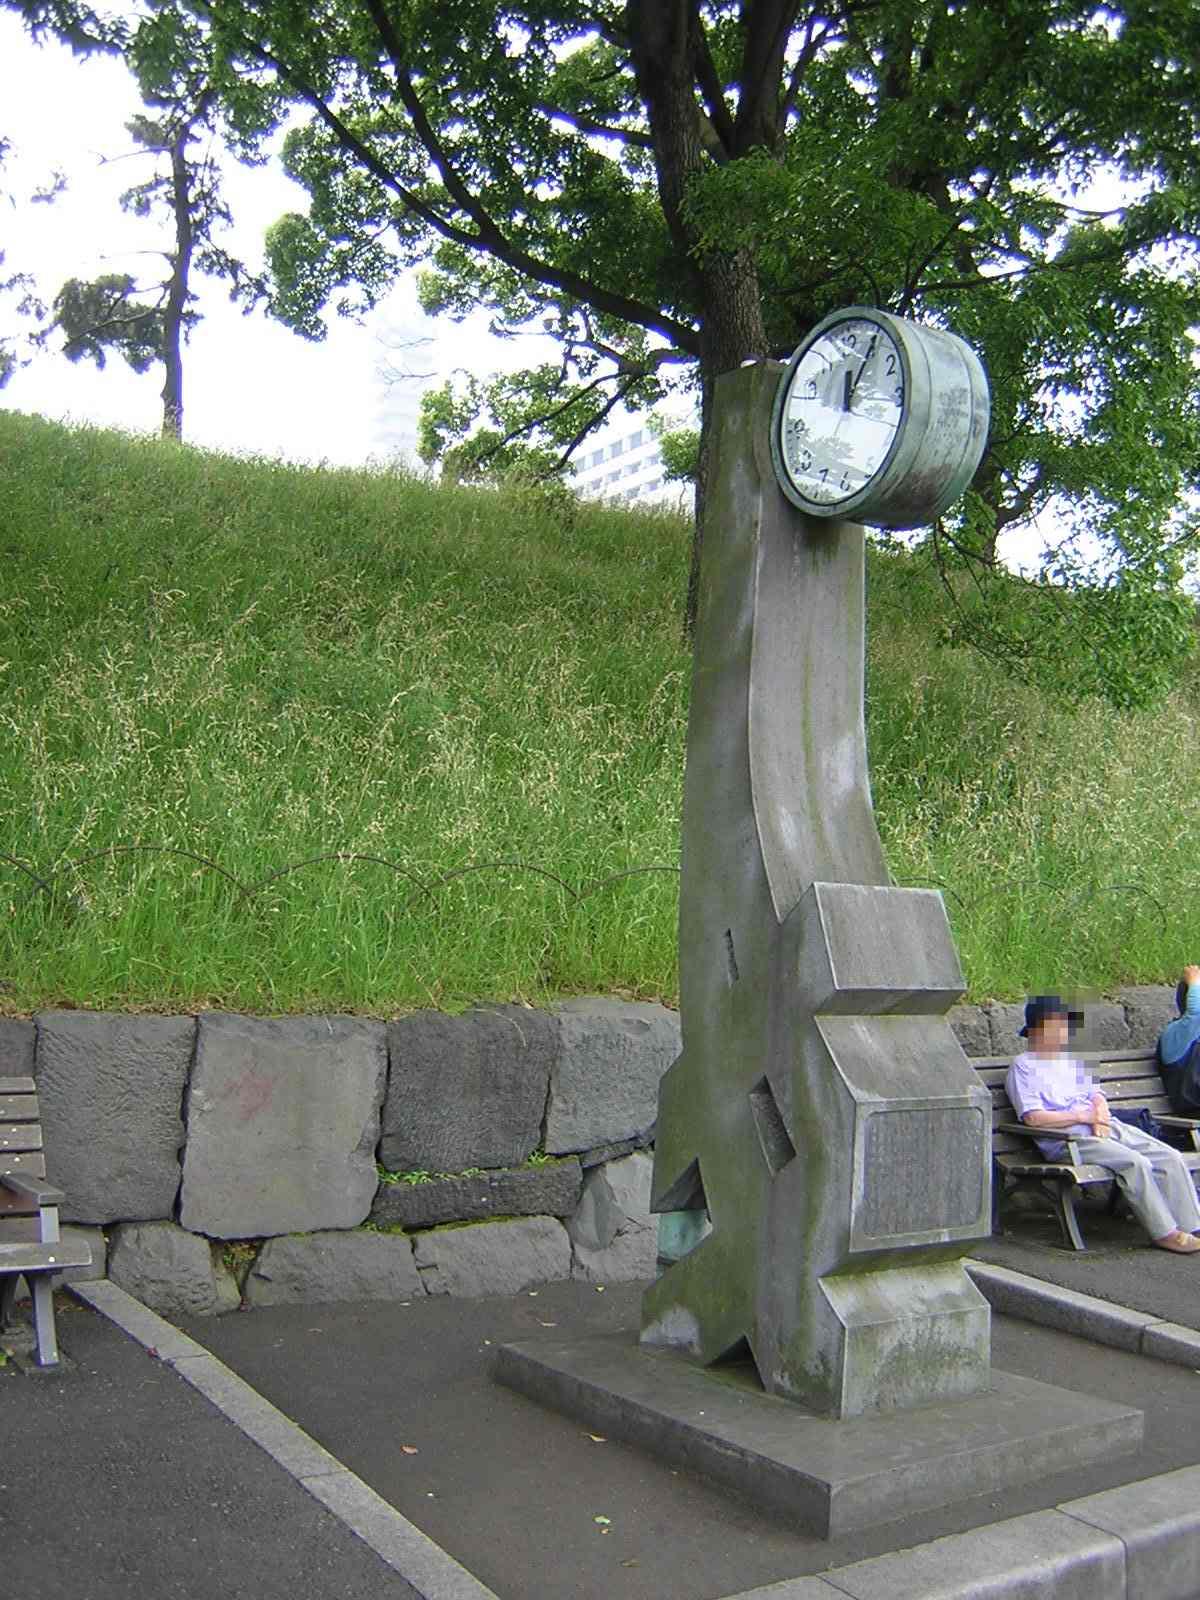 桜田門の前にある時計